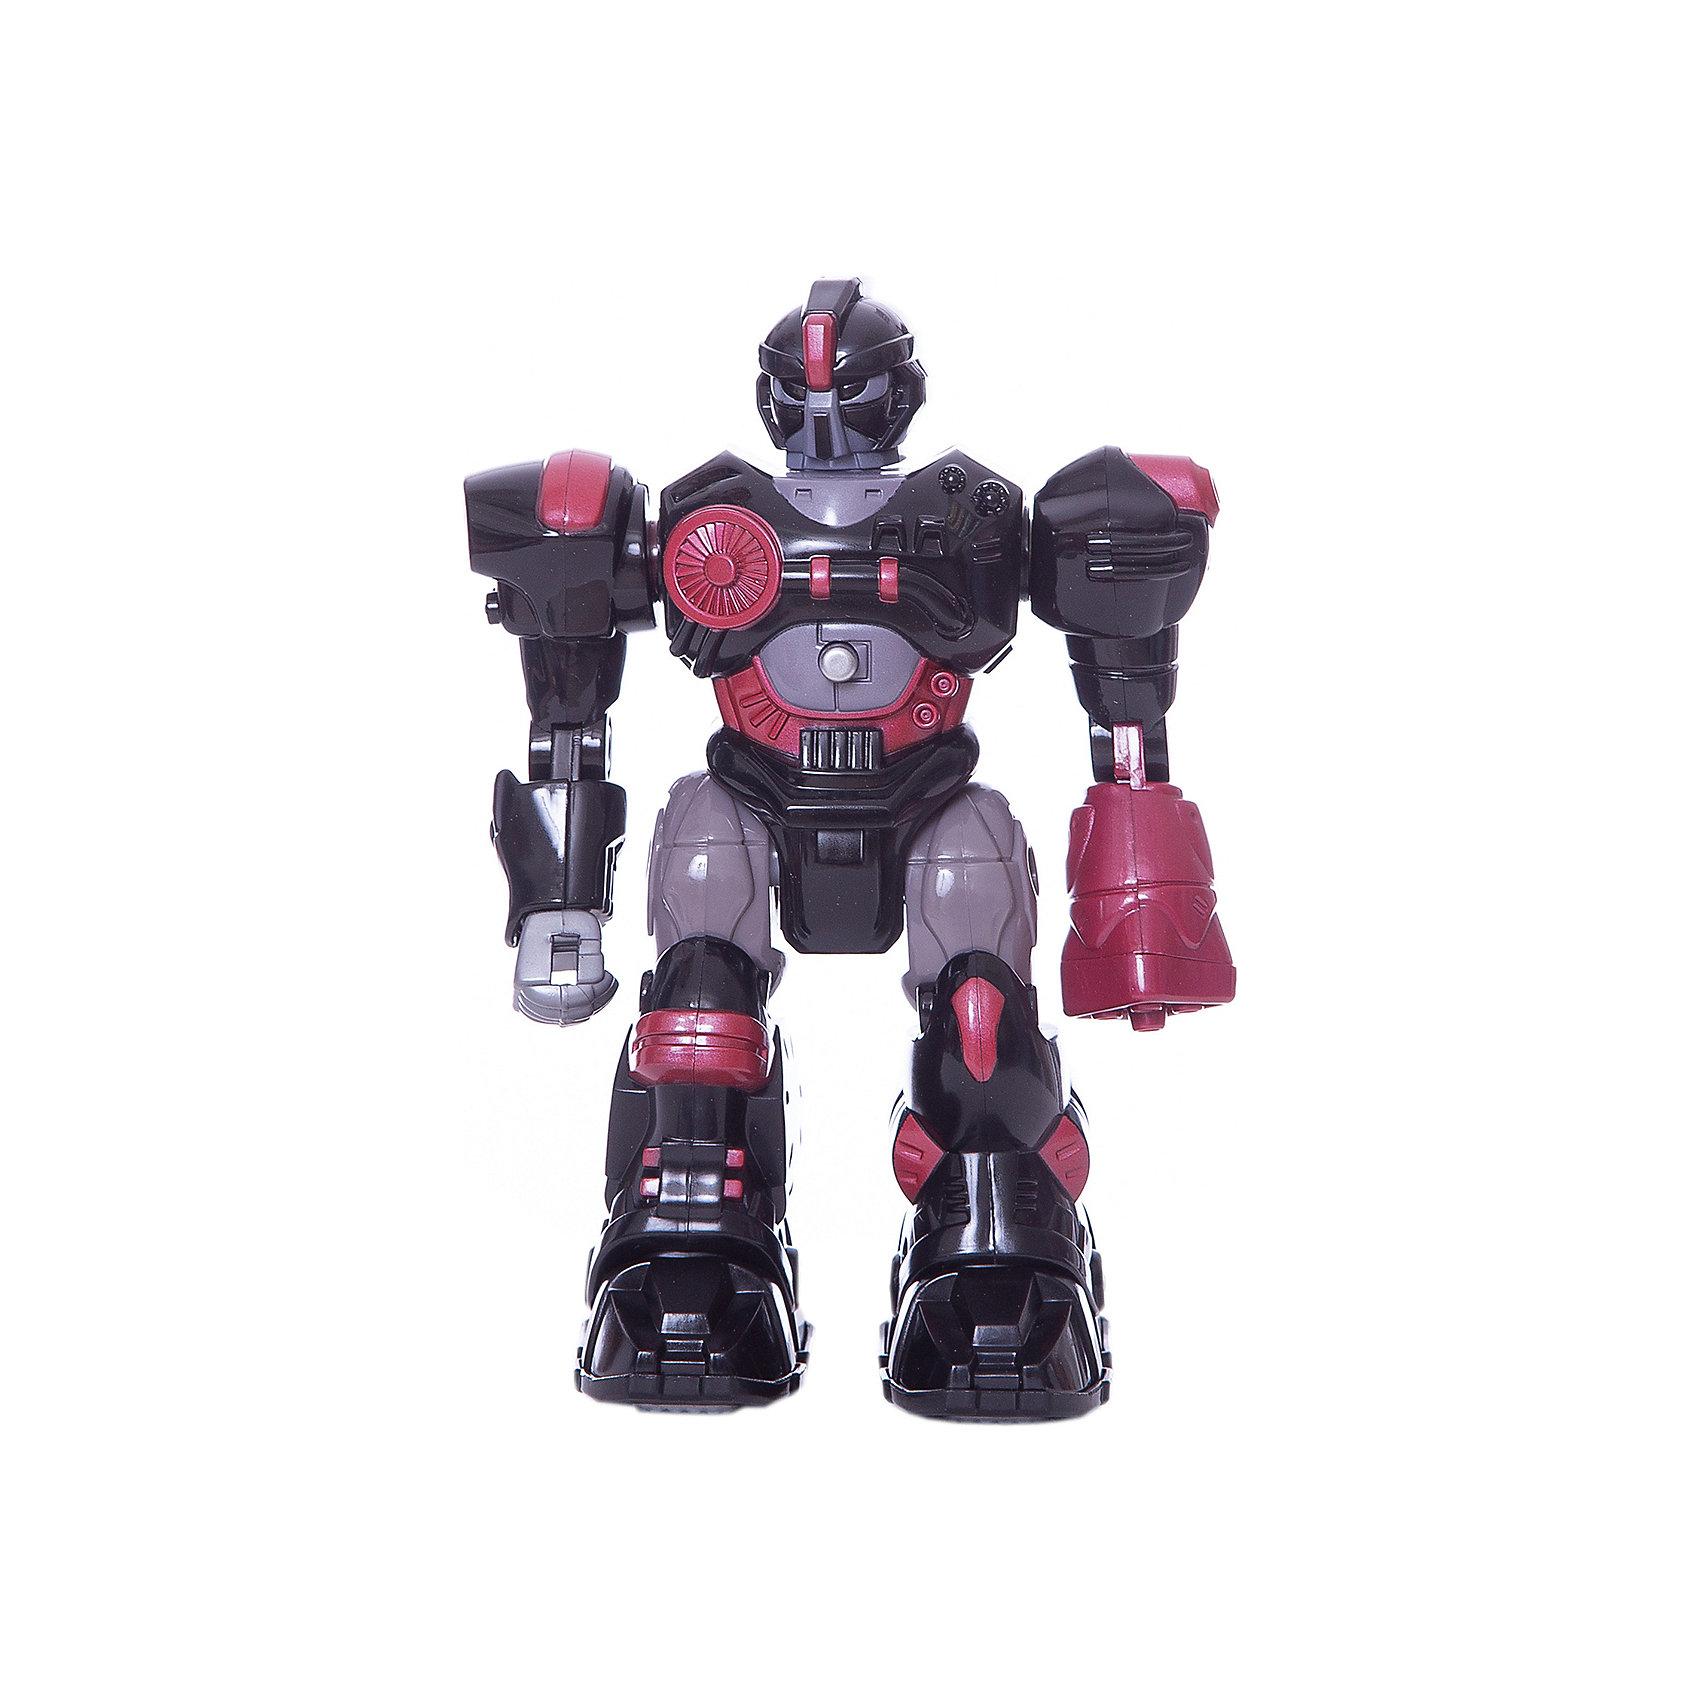 Робот XSS, 17,5 см, HAP-P-KIDРобот XSS от HAP-P-KID классный подарок юному любителю робототехники! Робот выполнен из качественных материалов, у него прочная броня и несколько видов оружия. Робот самостоятельно передвигается и имеет классные световые эффекты. Устраивать битвы с таким бойцом одно удовольствие! Собирайтесь с друзьями и решайте чей робот самый сильный! <br>Игры с роботами развивают у мальчишек сообразительность и логическое мышление.<br><br>Дополнительная информация: <br><br>- Робот движется вперед;<br>- Три вида оружия;<br>- Световые эффекты;<br>- Работает от батареек: 2 типа ААА;<br>- Прекрасный подарок мальчишке;<br>- Высота игрушки: 17,5 см;<br>- Размер упаковки: 13,3 х 9,8 х 20,3;<br>- Вес: 710 г<br><br>Робота XSS, 17,5 см, HAP-P-KID можно купить в нашем интернет-магазине<br><br>Ширина мм: 133<br>Глубина мм: 98<br>Высота мм: 203<br>Вес г: 710<br>Возраст от месяцев: 36<br>Возраст до месяцев: 84<br>Пол: Мужской<br>Возраст: Детский<br>SKU: 4001657